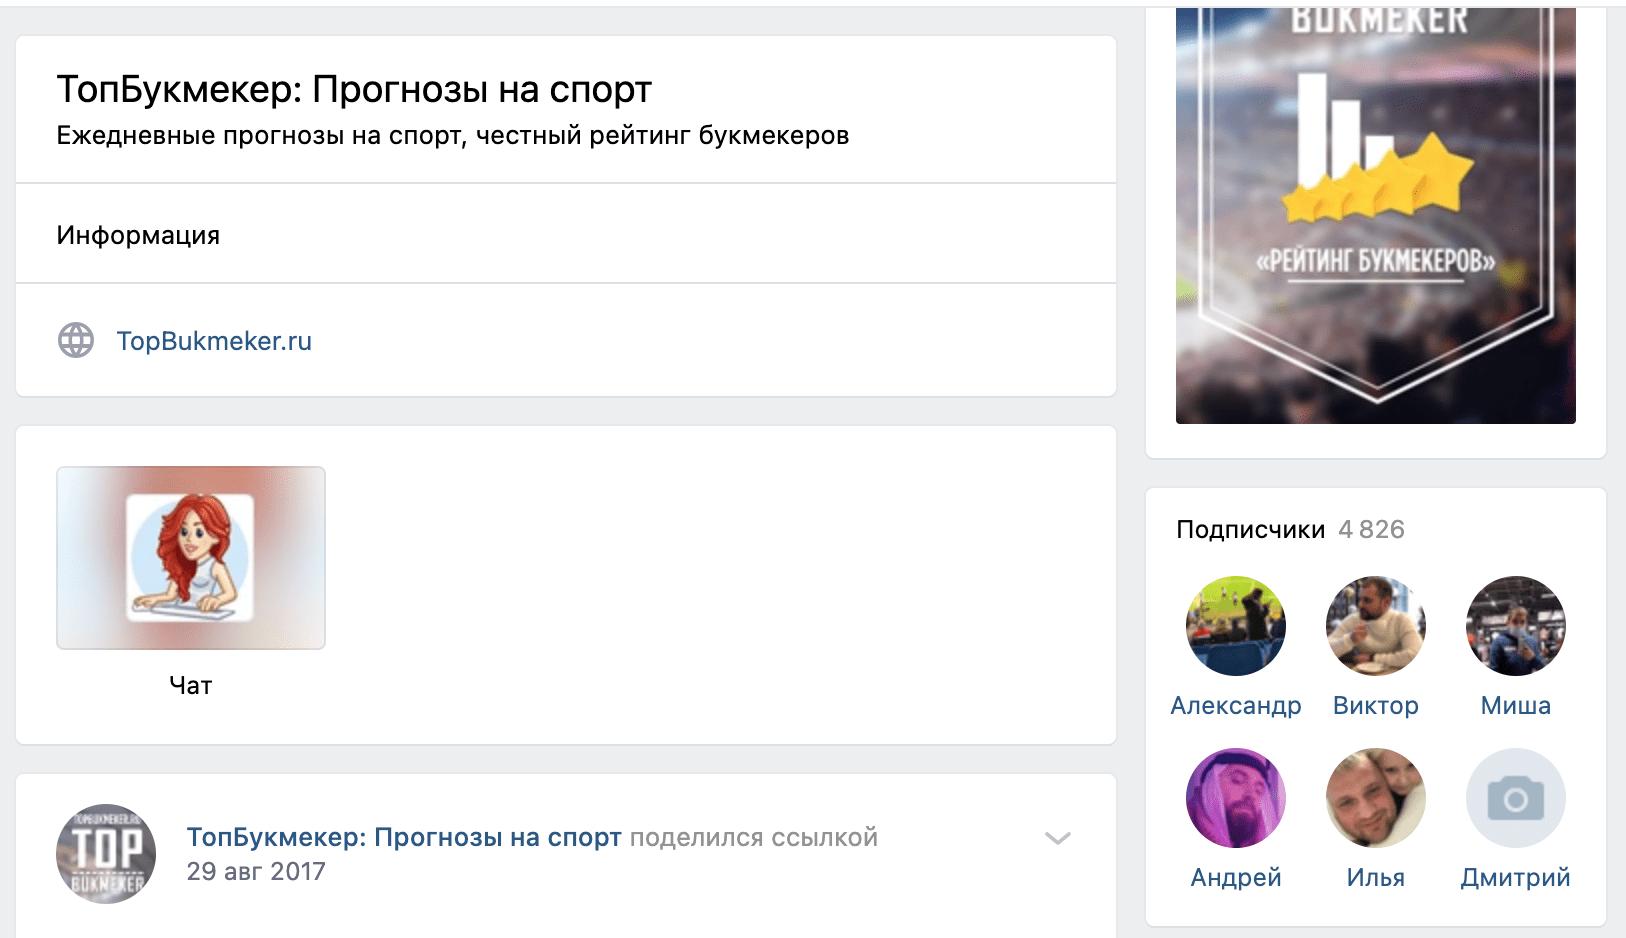 Группа ВК Topbukmeker.ru(Топбукмекер.ру)